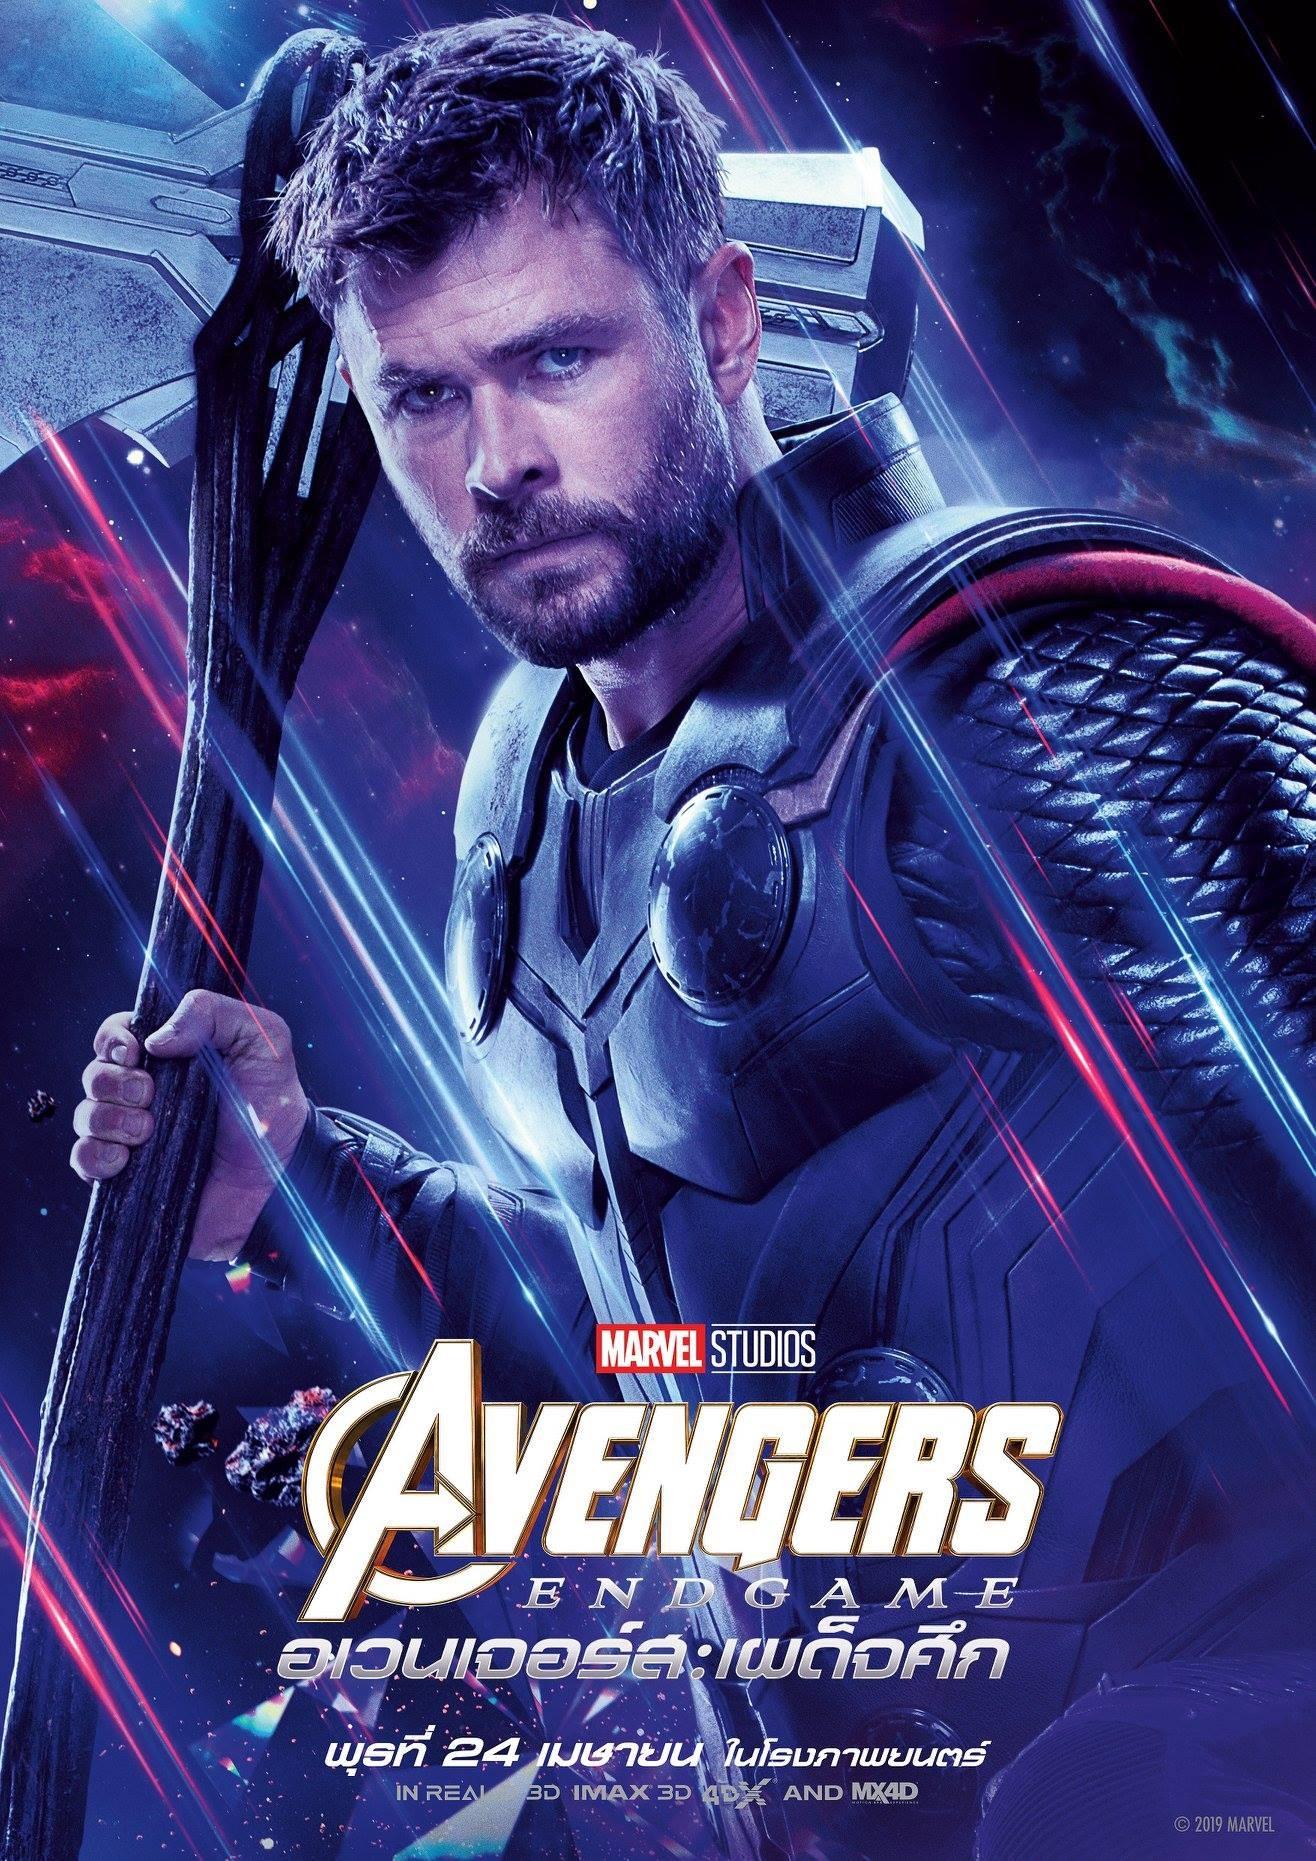 Endgame international character poster for Thor